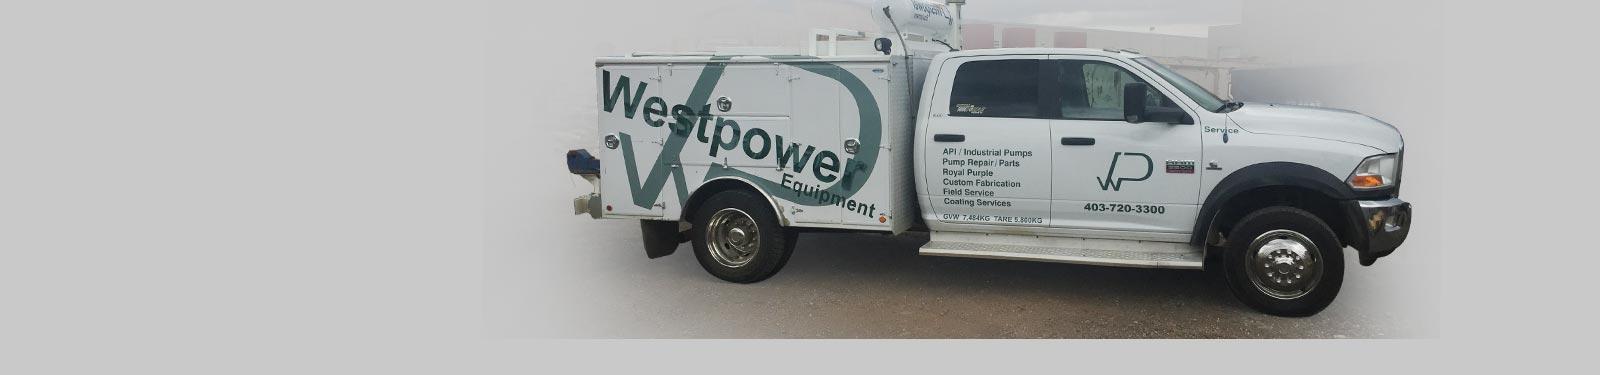 Westpower Home slider 4-1